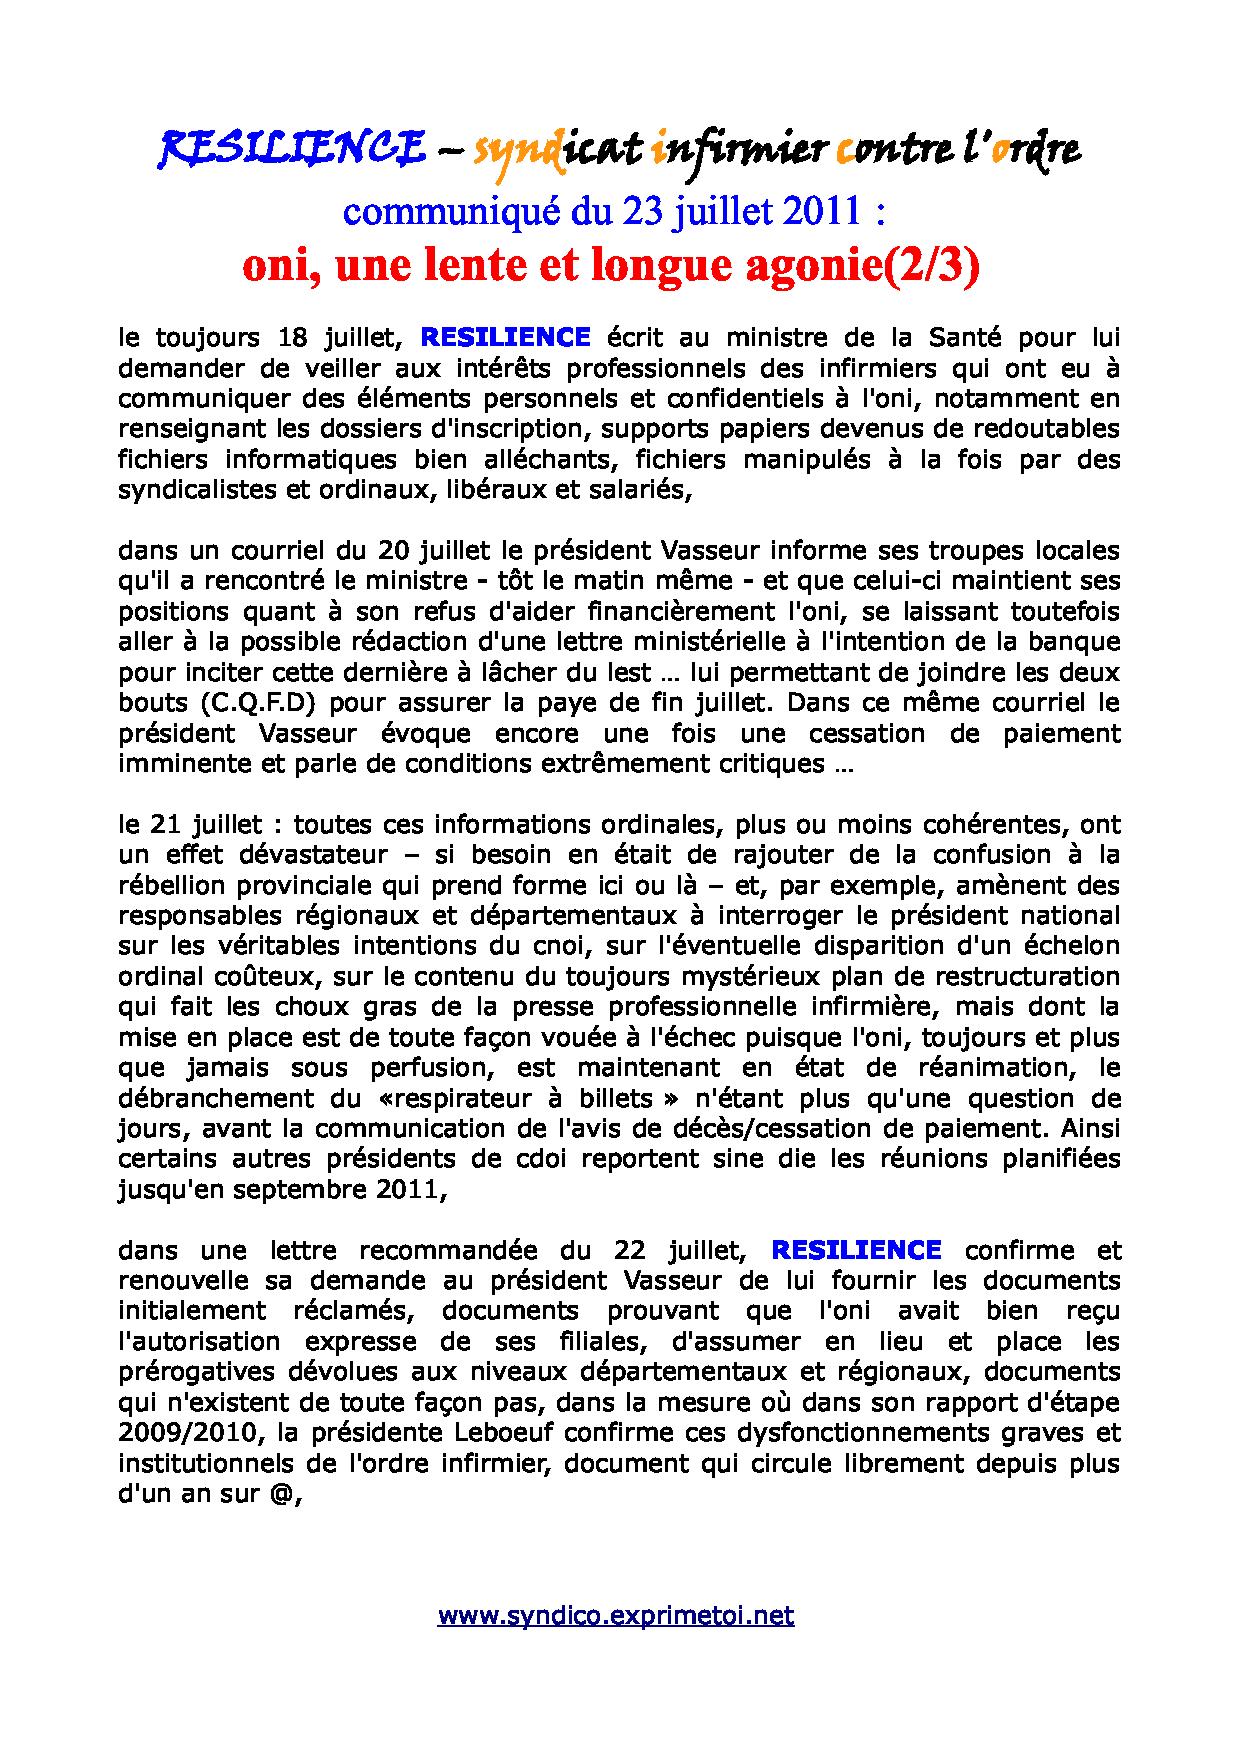 communiqué RESILIENCE du 23 juillet 2011 - ordre infirmier : une lente et longue agonie ... 1107230238211139708505152